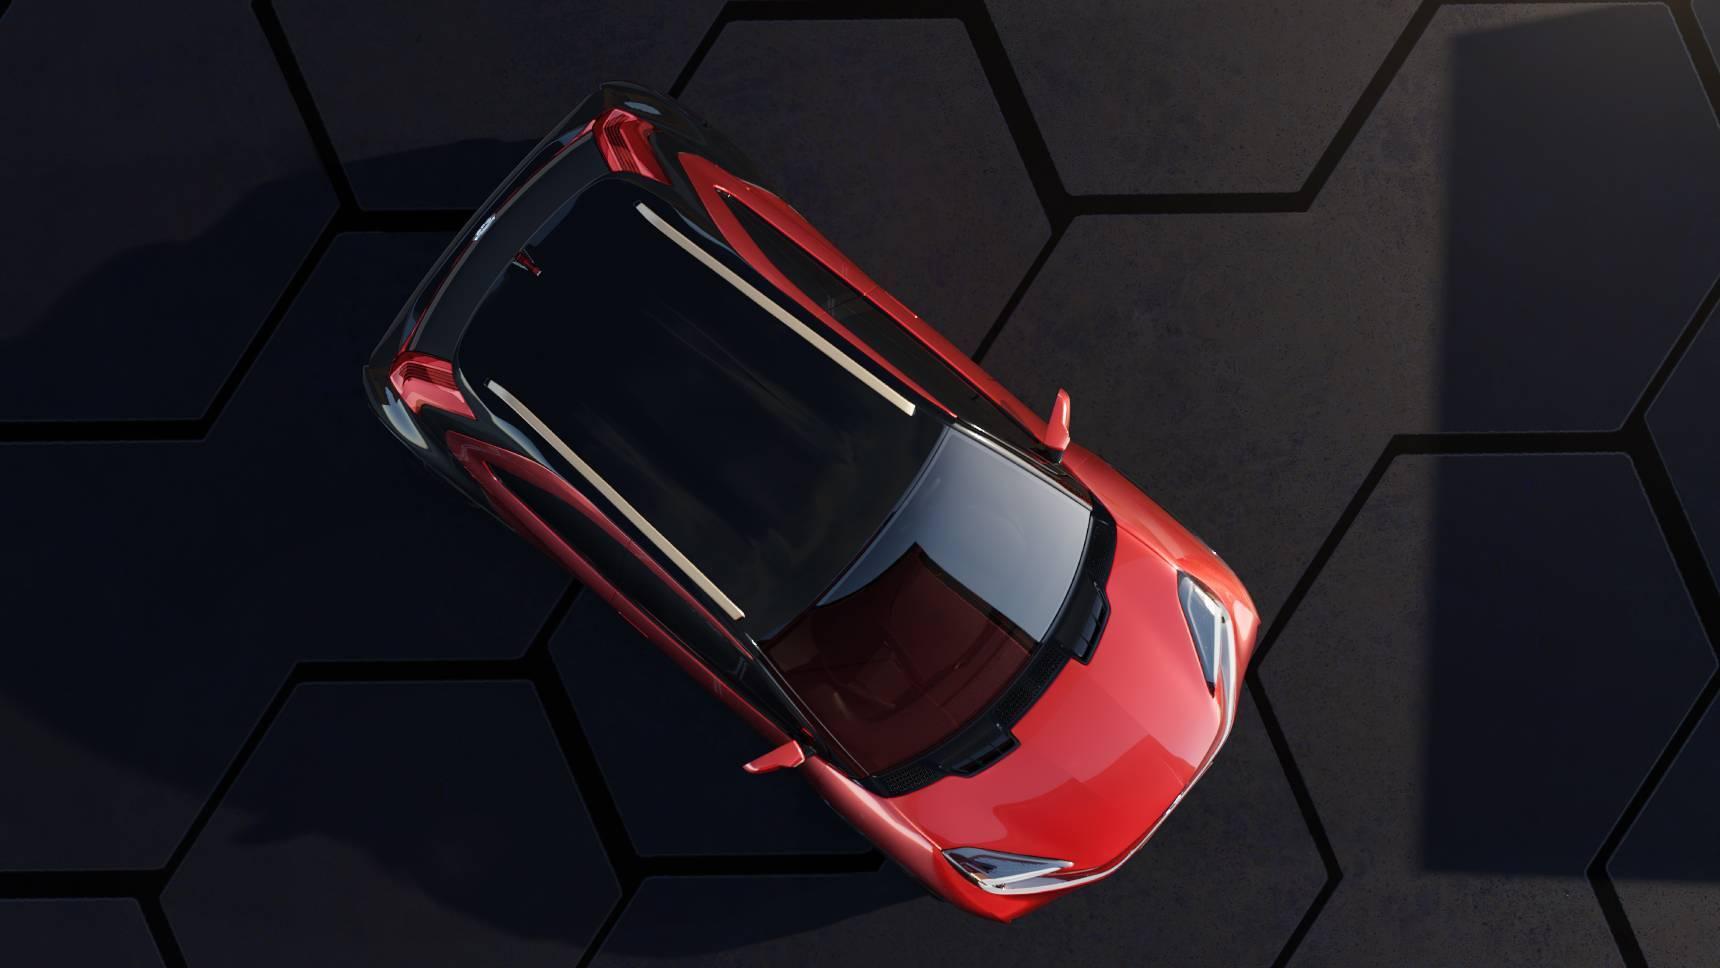 Toyota представила стильный кросс-хэтч с экшн-камерой в зеркалах